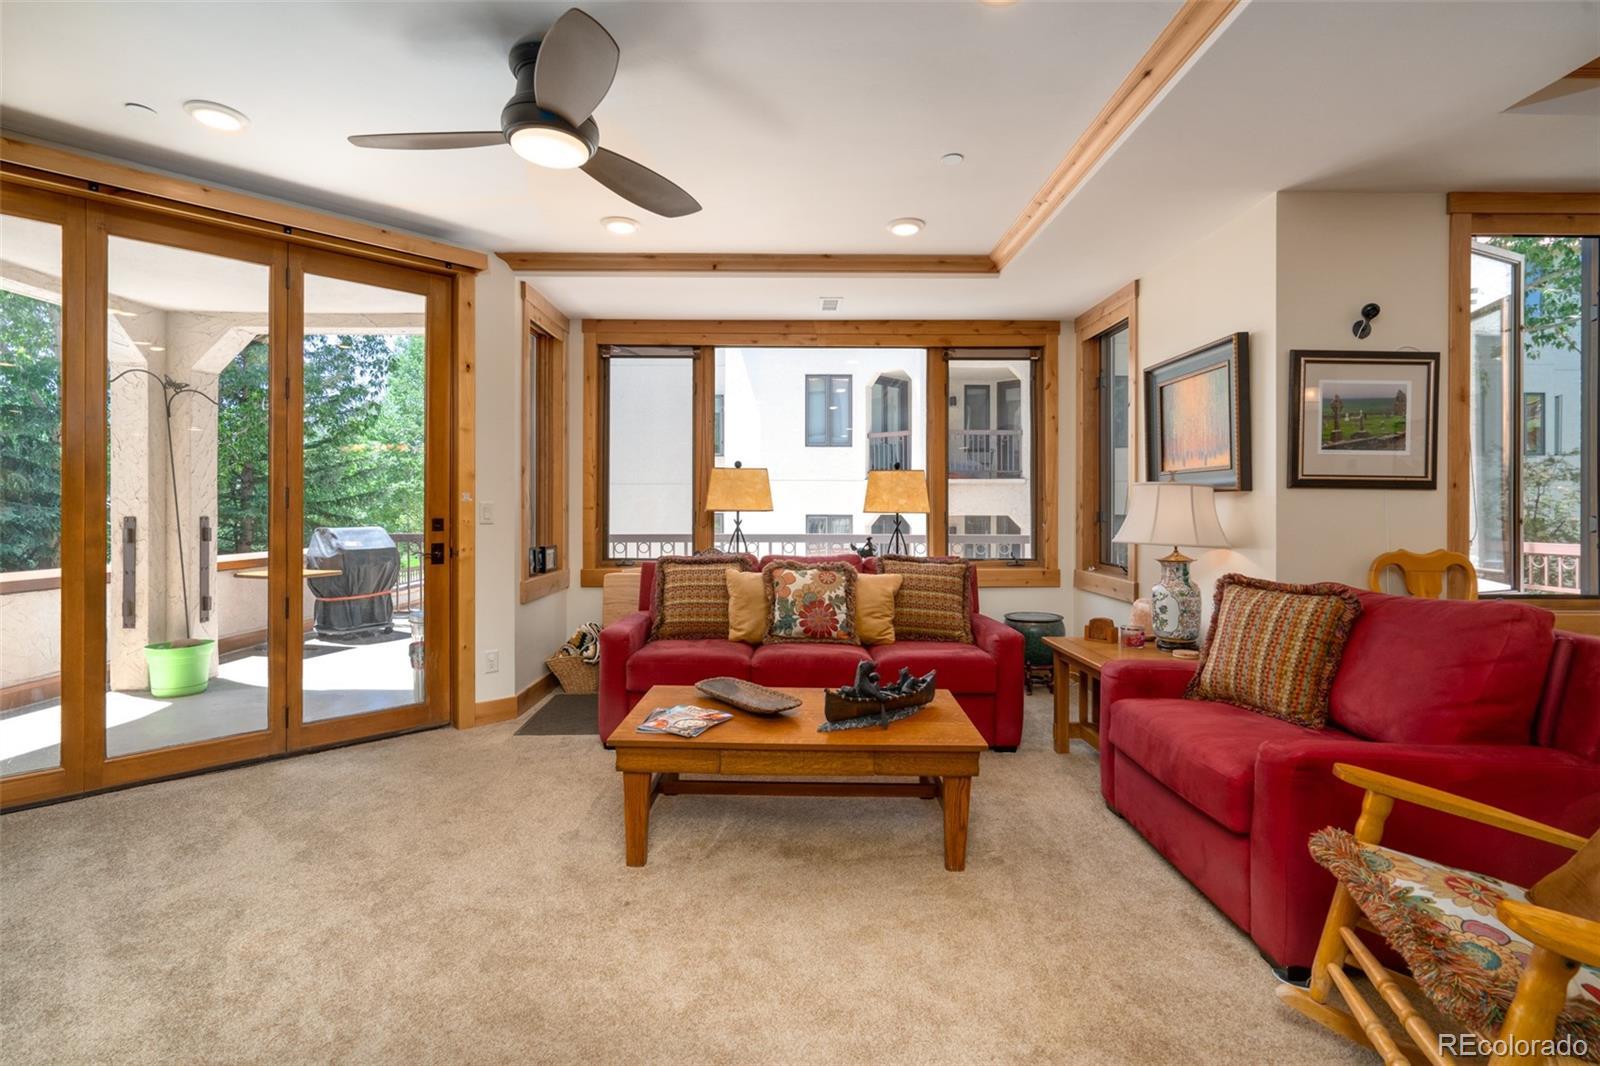 MLS# 1828561 - 2 - 2800 Eagleridge Drive #B-2, Steamboat Springs, CO 80487